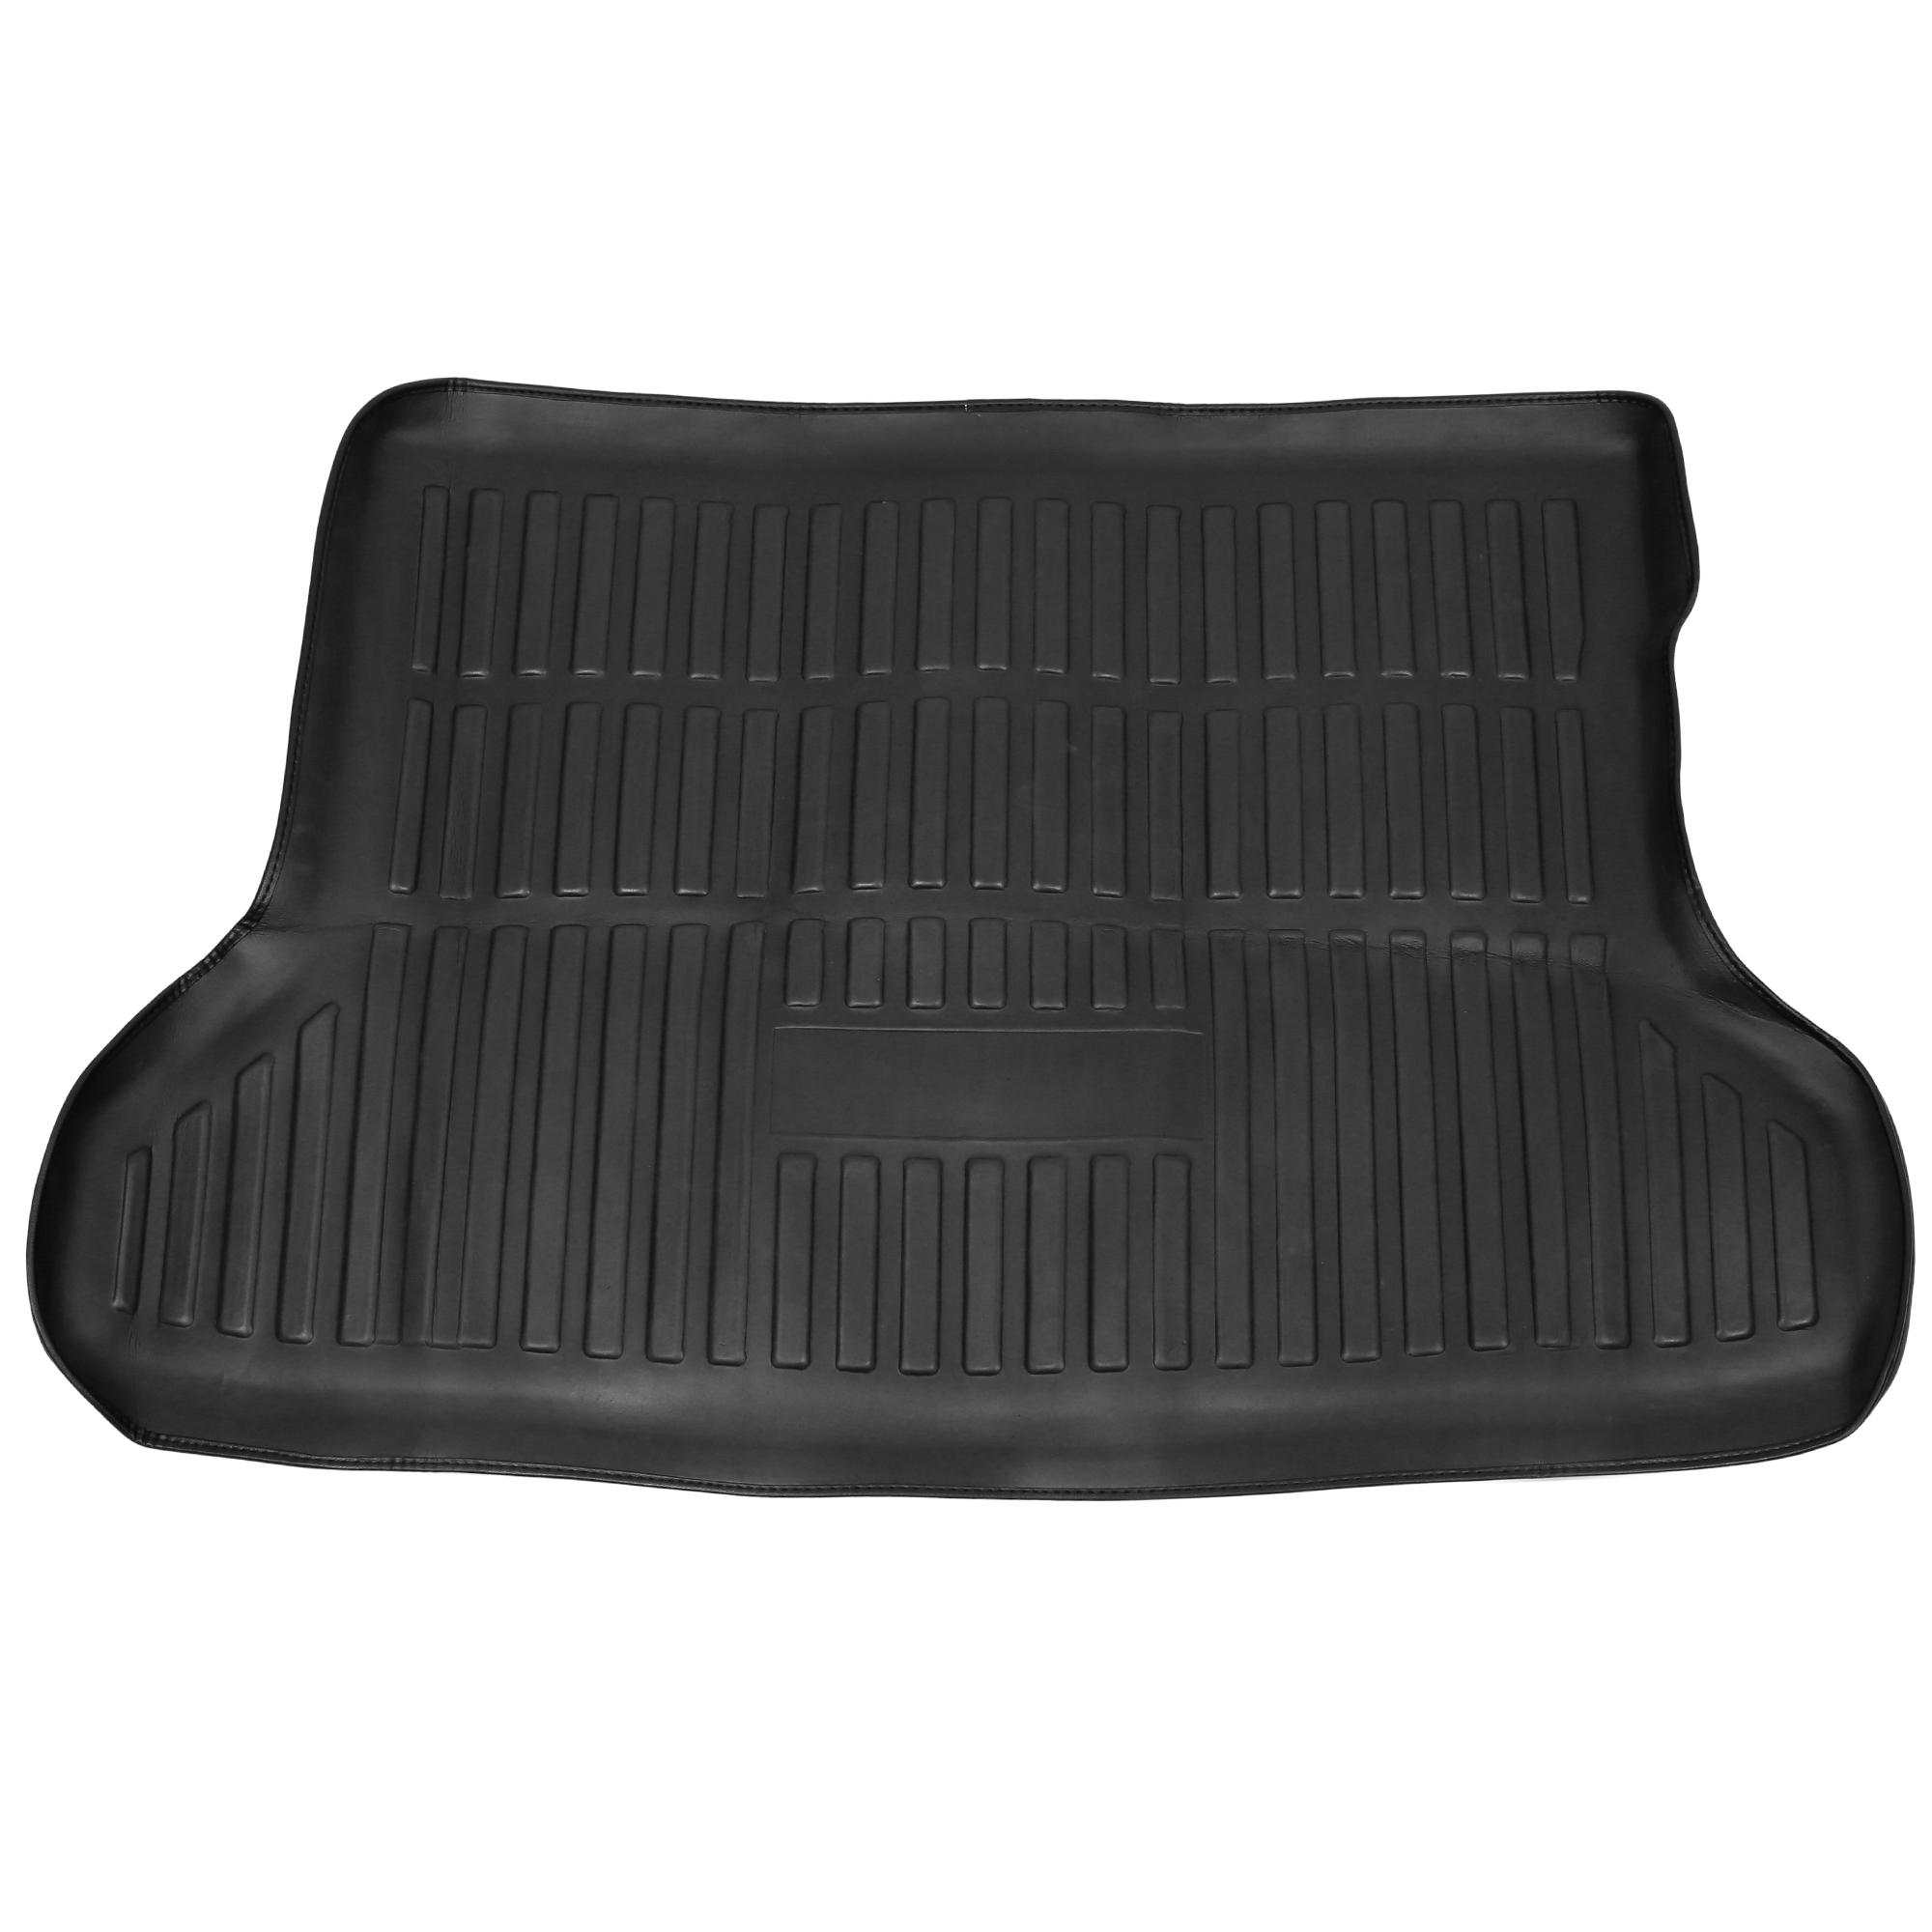 EVA Trunk Cargo Mat Rear Trunk Floor Pad for Honda Vezel 5 Door 5 Seats SUV